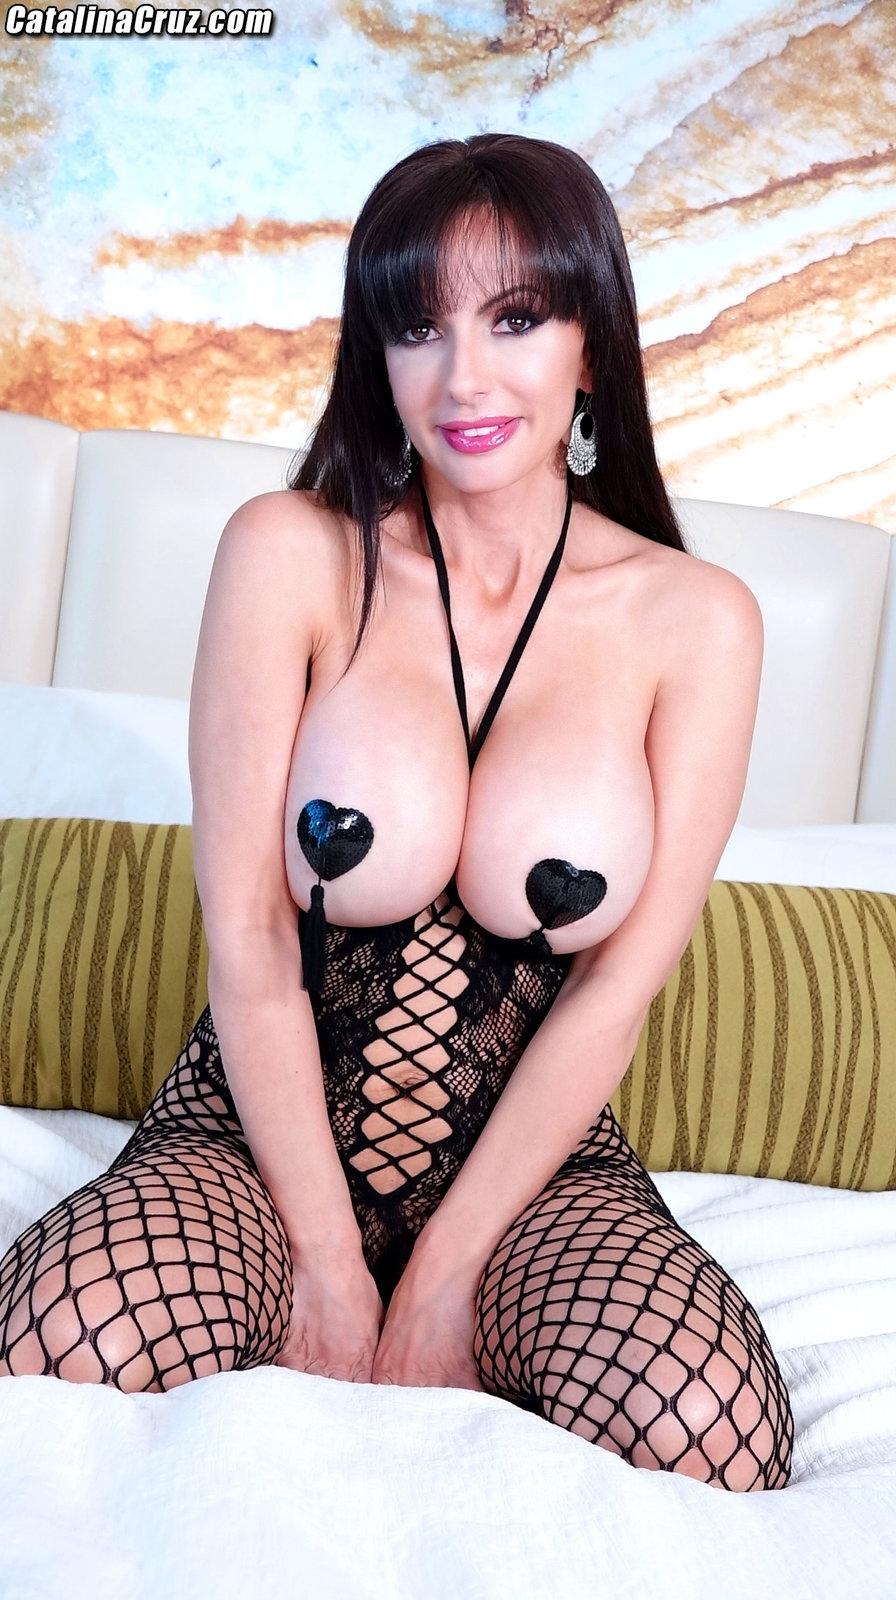 Catalina Cruz fucks a cock with Sarah Jessie live on cam April 17, 2018